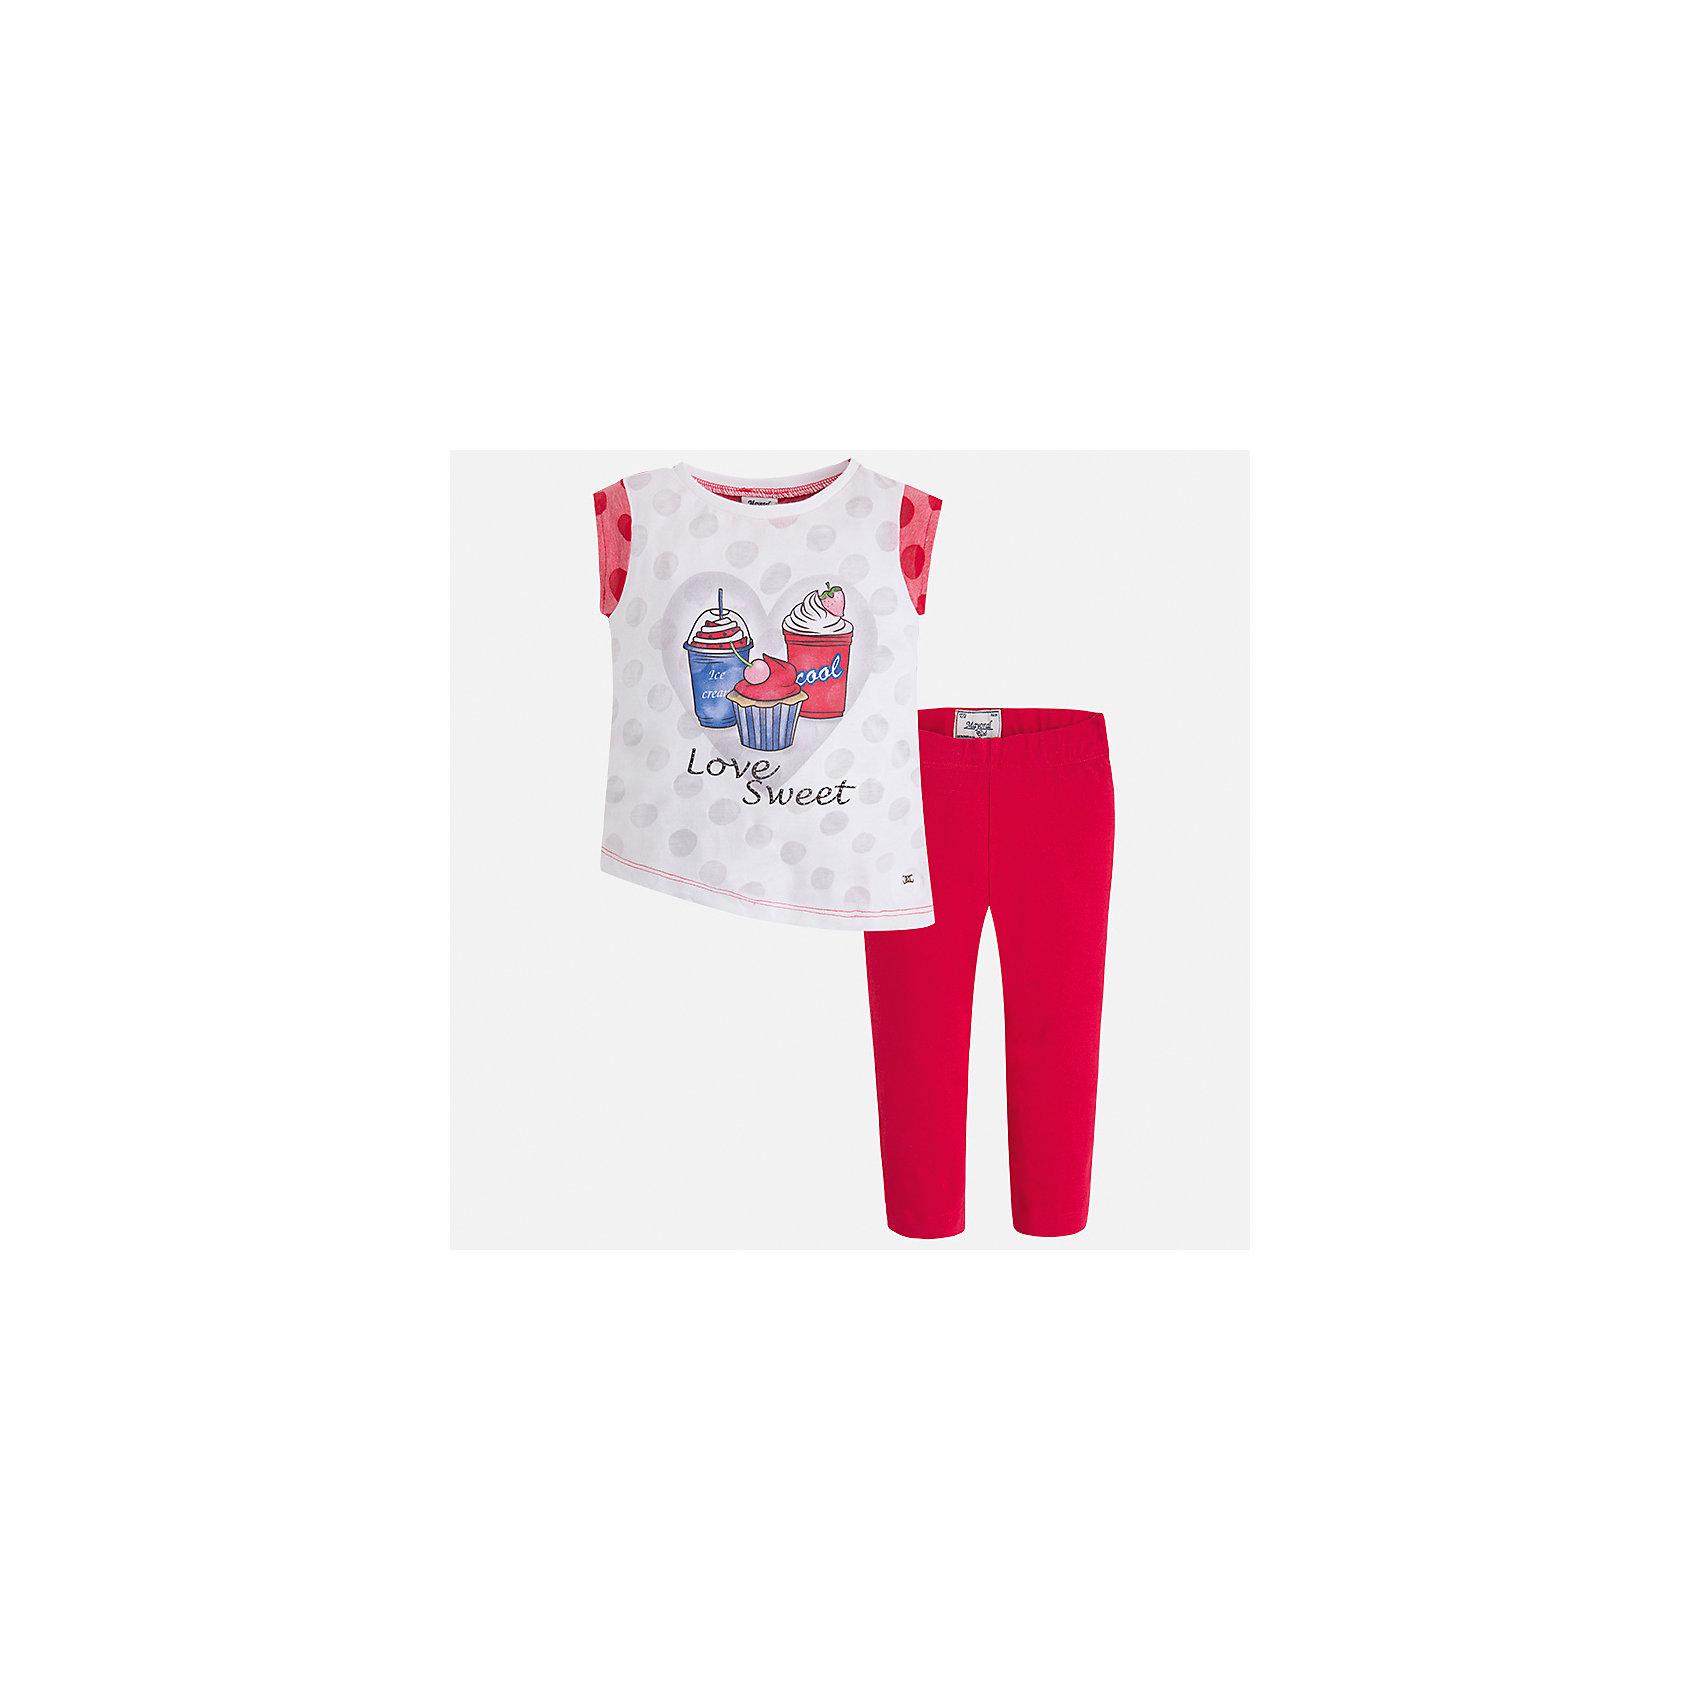 Комплект: футболка с длинным рукавом и бриджи для девочки MayoralКомплекты<br>Характеристики товара:<br><br>• цвет: розовый<br>• состав: 55% хлопок, 45% полиэстер<br>• комплектация: футболка, бриджи<br>• футболка декорирована принтом<br>• бриджи в клетку<br>• пояс на резинке<br>• страна бренда: Испания<br><br>Красивый качественный комплект для девочки поможет разнообразить гардероб ребенка и удобно одеться в теплую погоду. Он отлично сочетается с другими предметами. Универсальный цвет позволяет подобрать к вещам верхнюю одежду практически любой расцветки. Интересная отделка модели делает её нарядной и оригинальной. В составе материала - натуральный хлопок, гипоаллергенный, приятный на ощупь, дышащий.<br><br>Одежда, обувь и аксессуары от испанского бренда Mayoral полюбились детям и взрослым по всему миру. Модели этой марки - стильные и удобные. Для их производства используются только безопасные, качественные материалы и фурнитура. Порадуйте ребенка модными и красивыми вещами от Mayoral! <br><br>Комплект для девочки от испанского бренда Mayoral (Майорал) можно купить в нашем интернет-магазине.<br><br>Ширина мм: 191<br>Глубина мм: 10<br>Высота мм: 175<br>Вес г: 273<br>Цвет: красный<br>Возраст от месяцев: 96<br>Возраст до месяцев: 108<br>Пол: Женский<br>Возраст: Детский<br>Размер: 134,92,98,104,110,116,122,128<br>SKU: 5290407